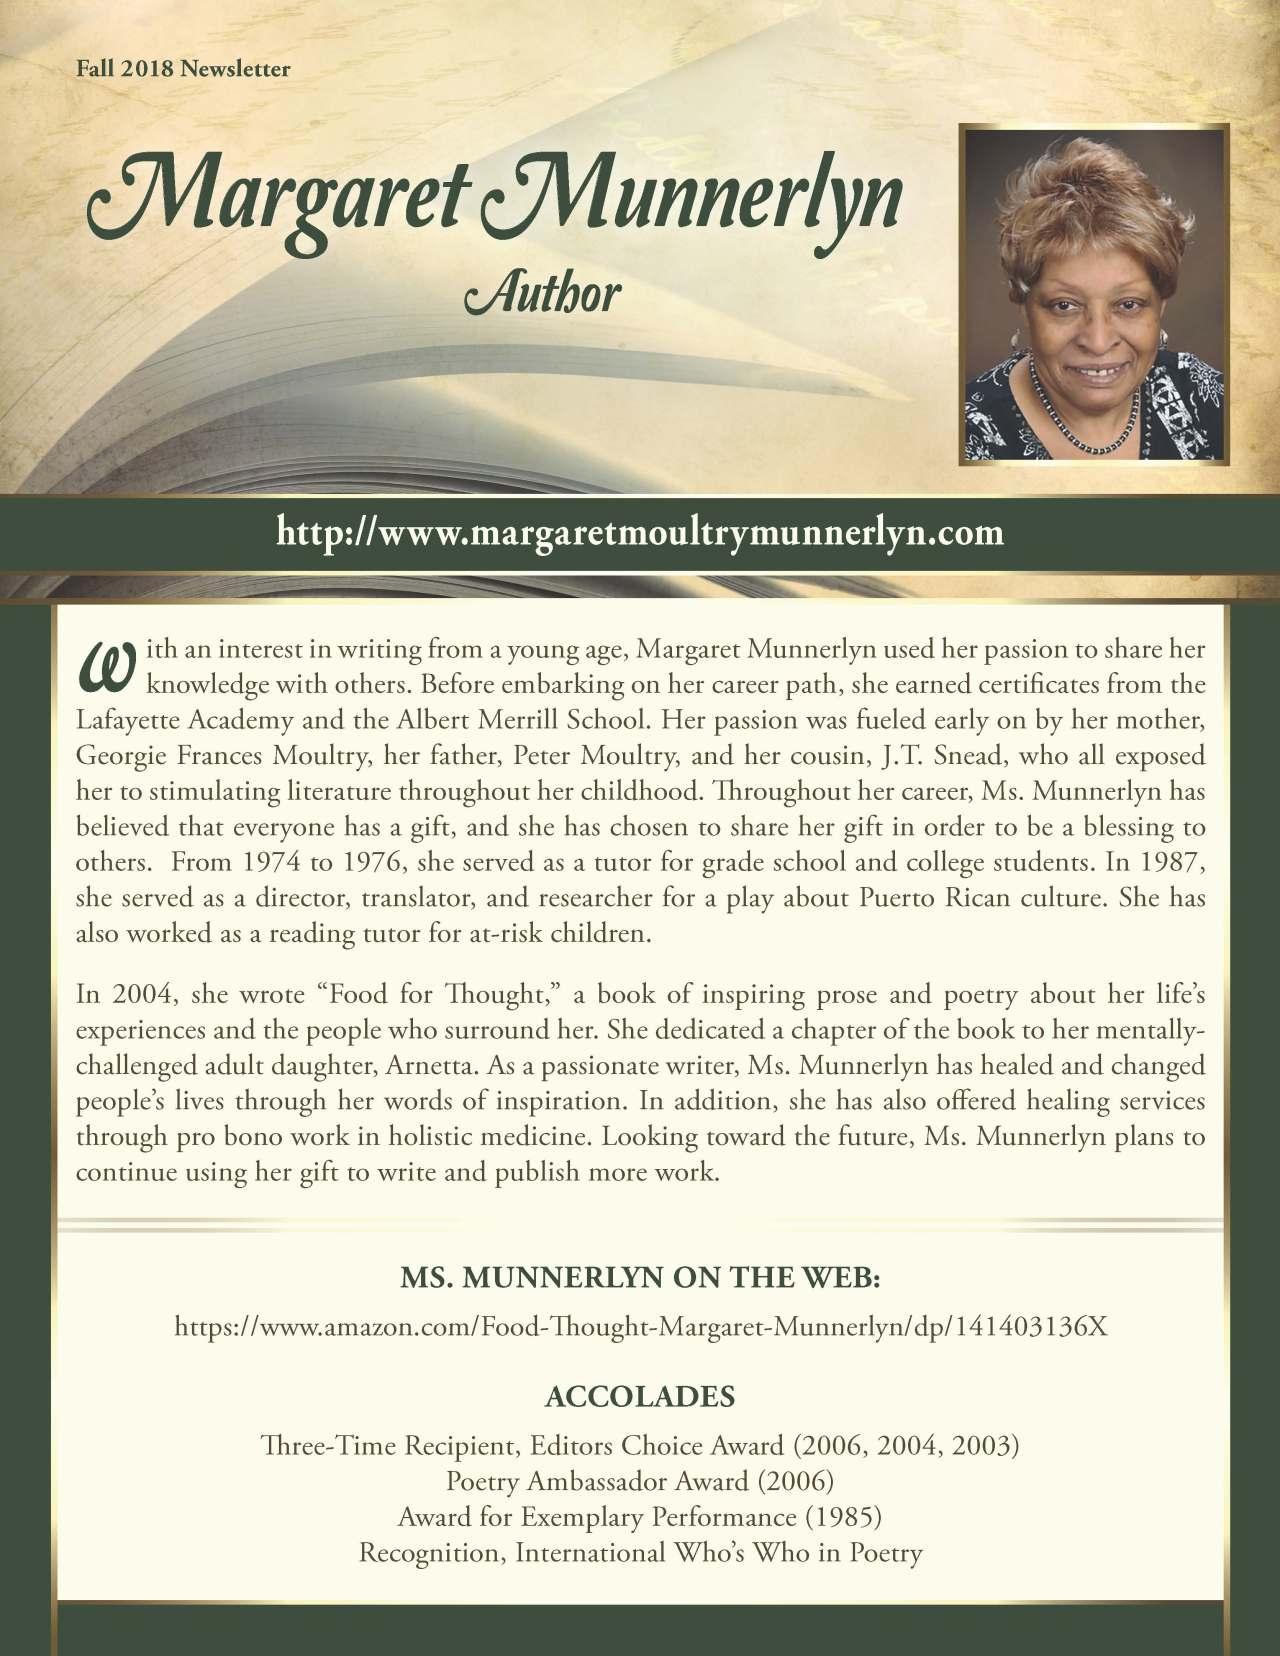 Munnerlyn, Margaret 530284_4000530284 Newsletter.jpg